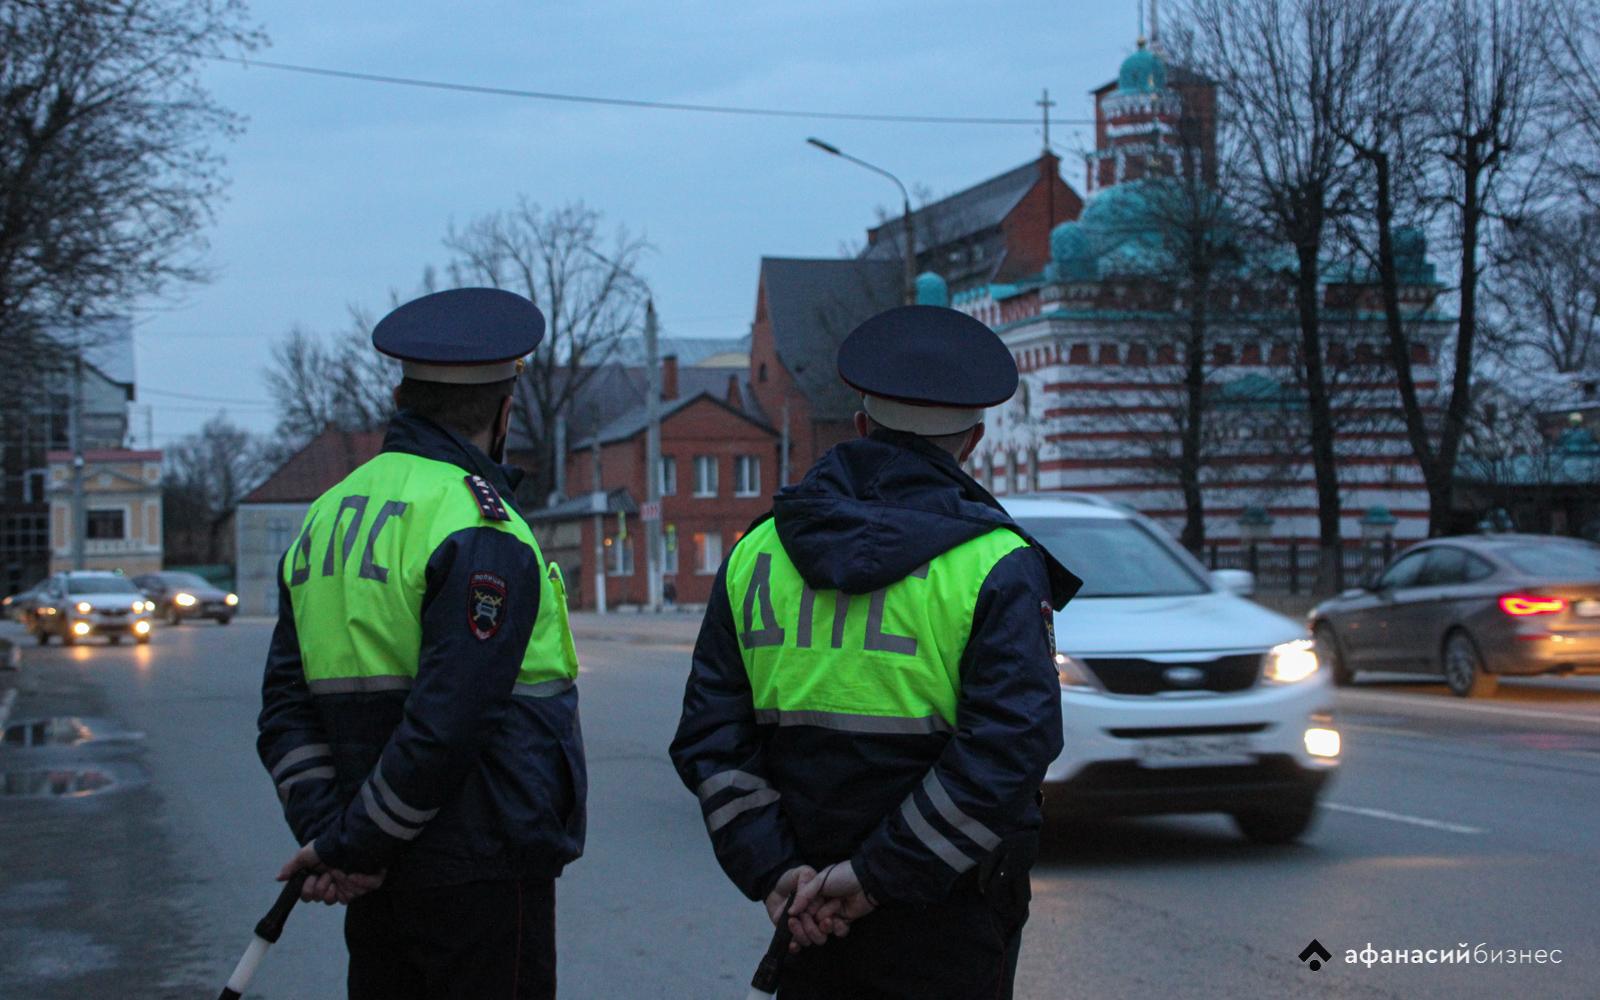 В Минюсте РФ предложили автоматически списывать с водителей штрафы за нарушения ПДД - новости Афанасий